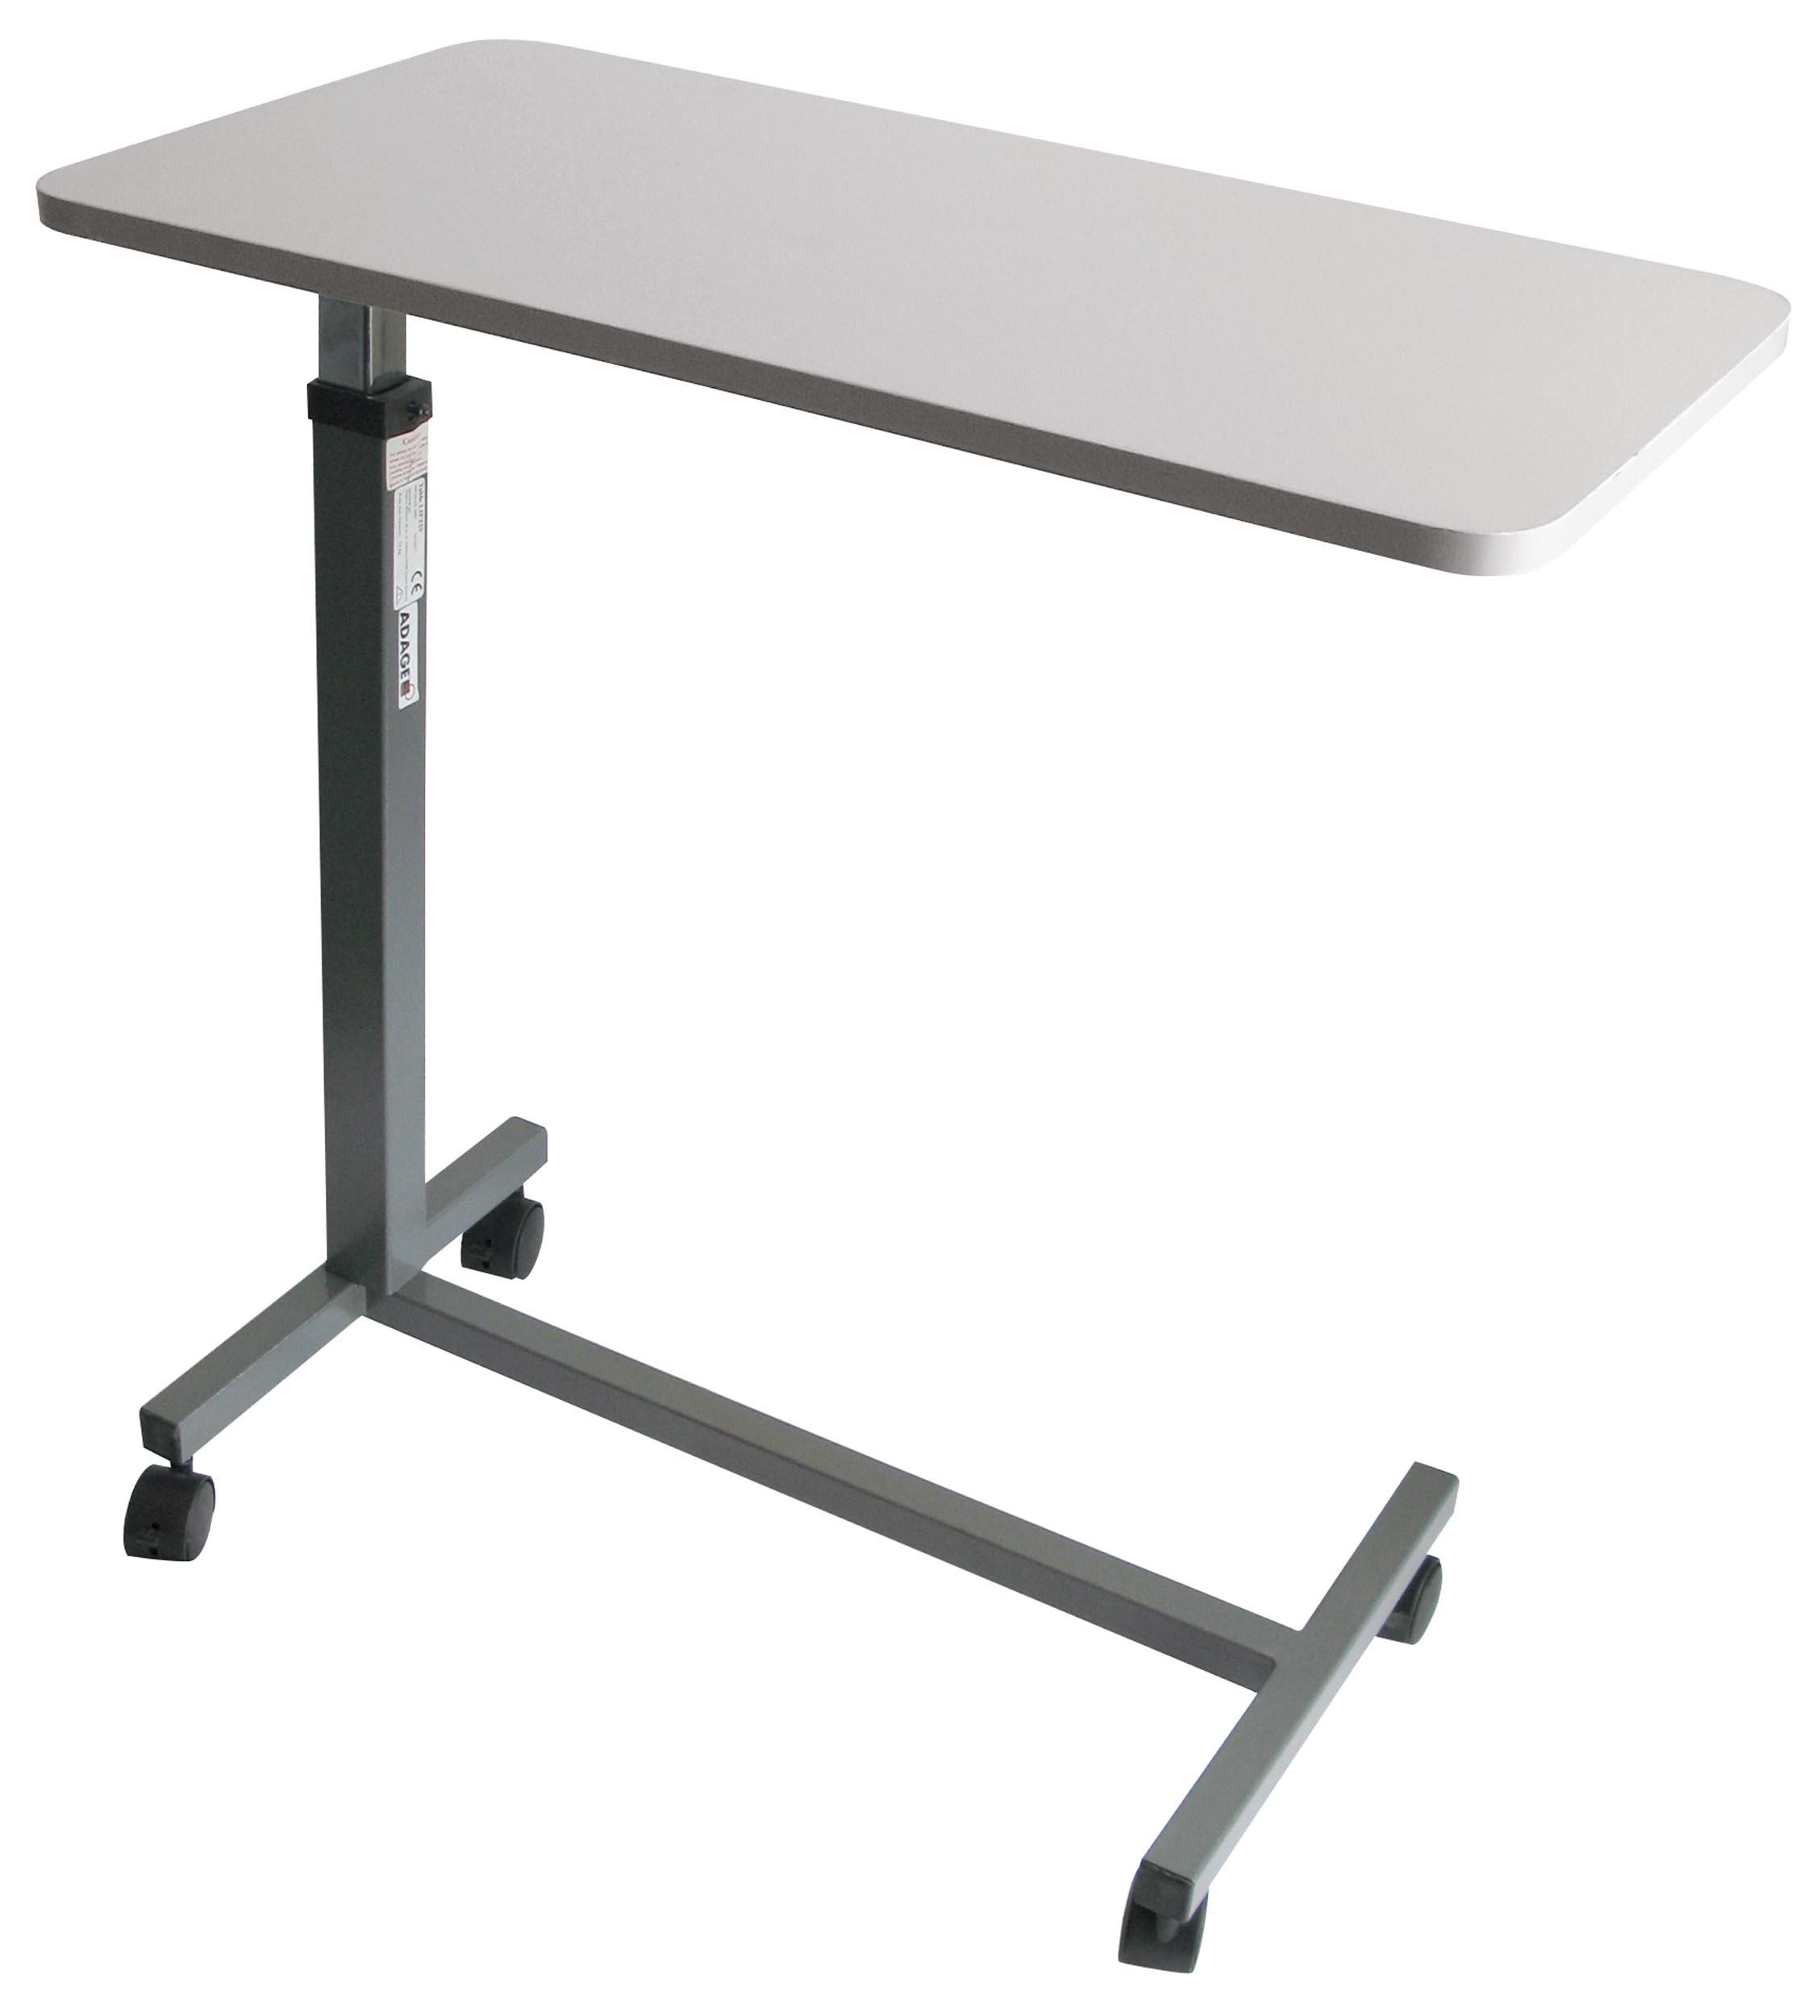 Exceptionnel Table De Lit Kauma,Table De Lit Pausa, Adaptable De Lit, Adaptable,